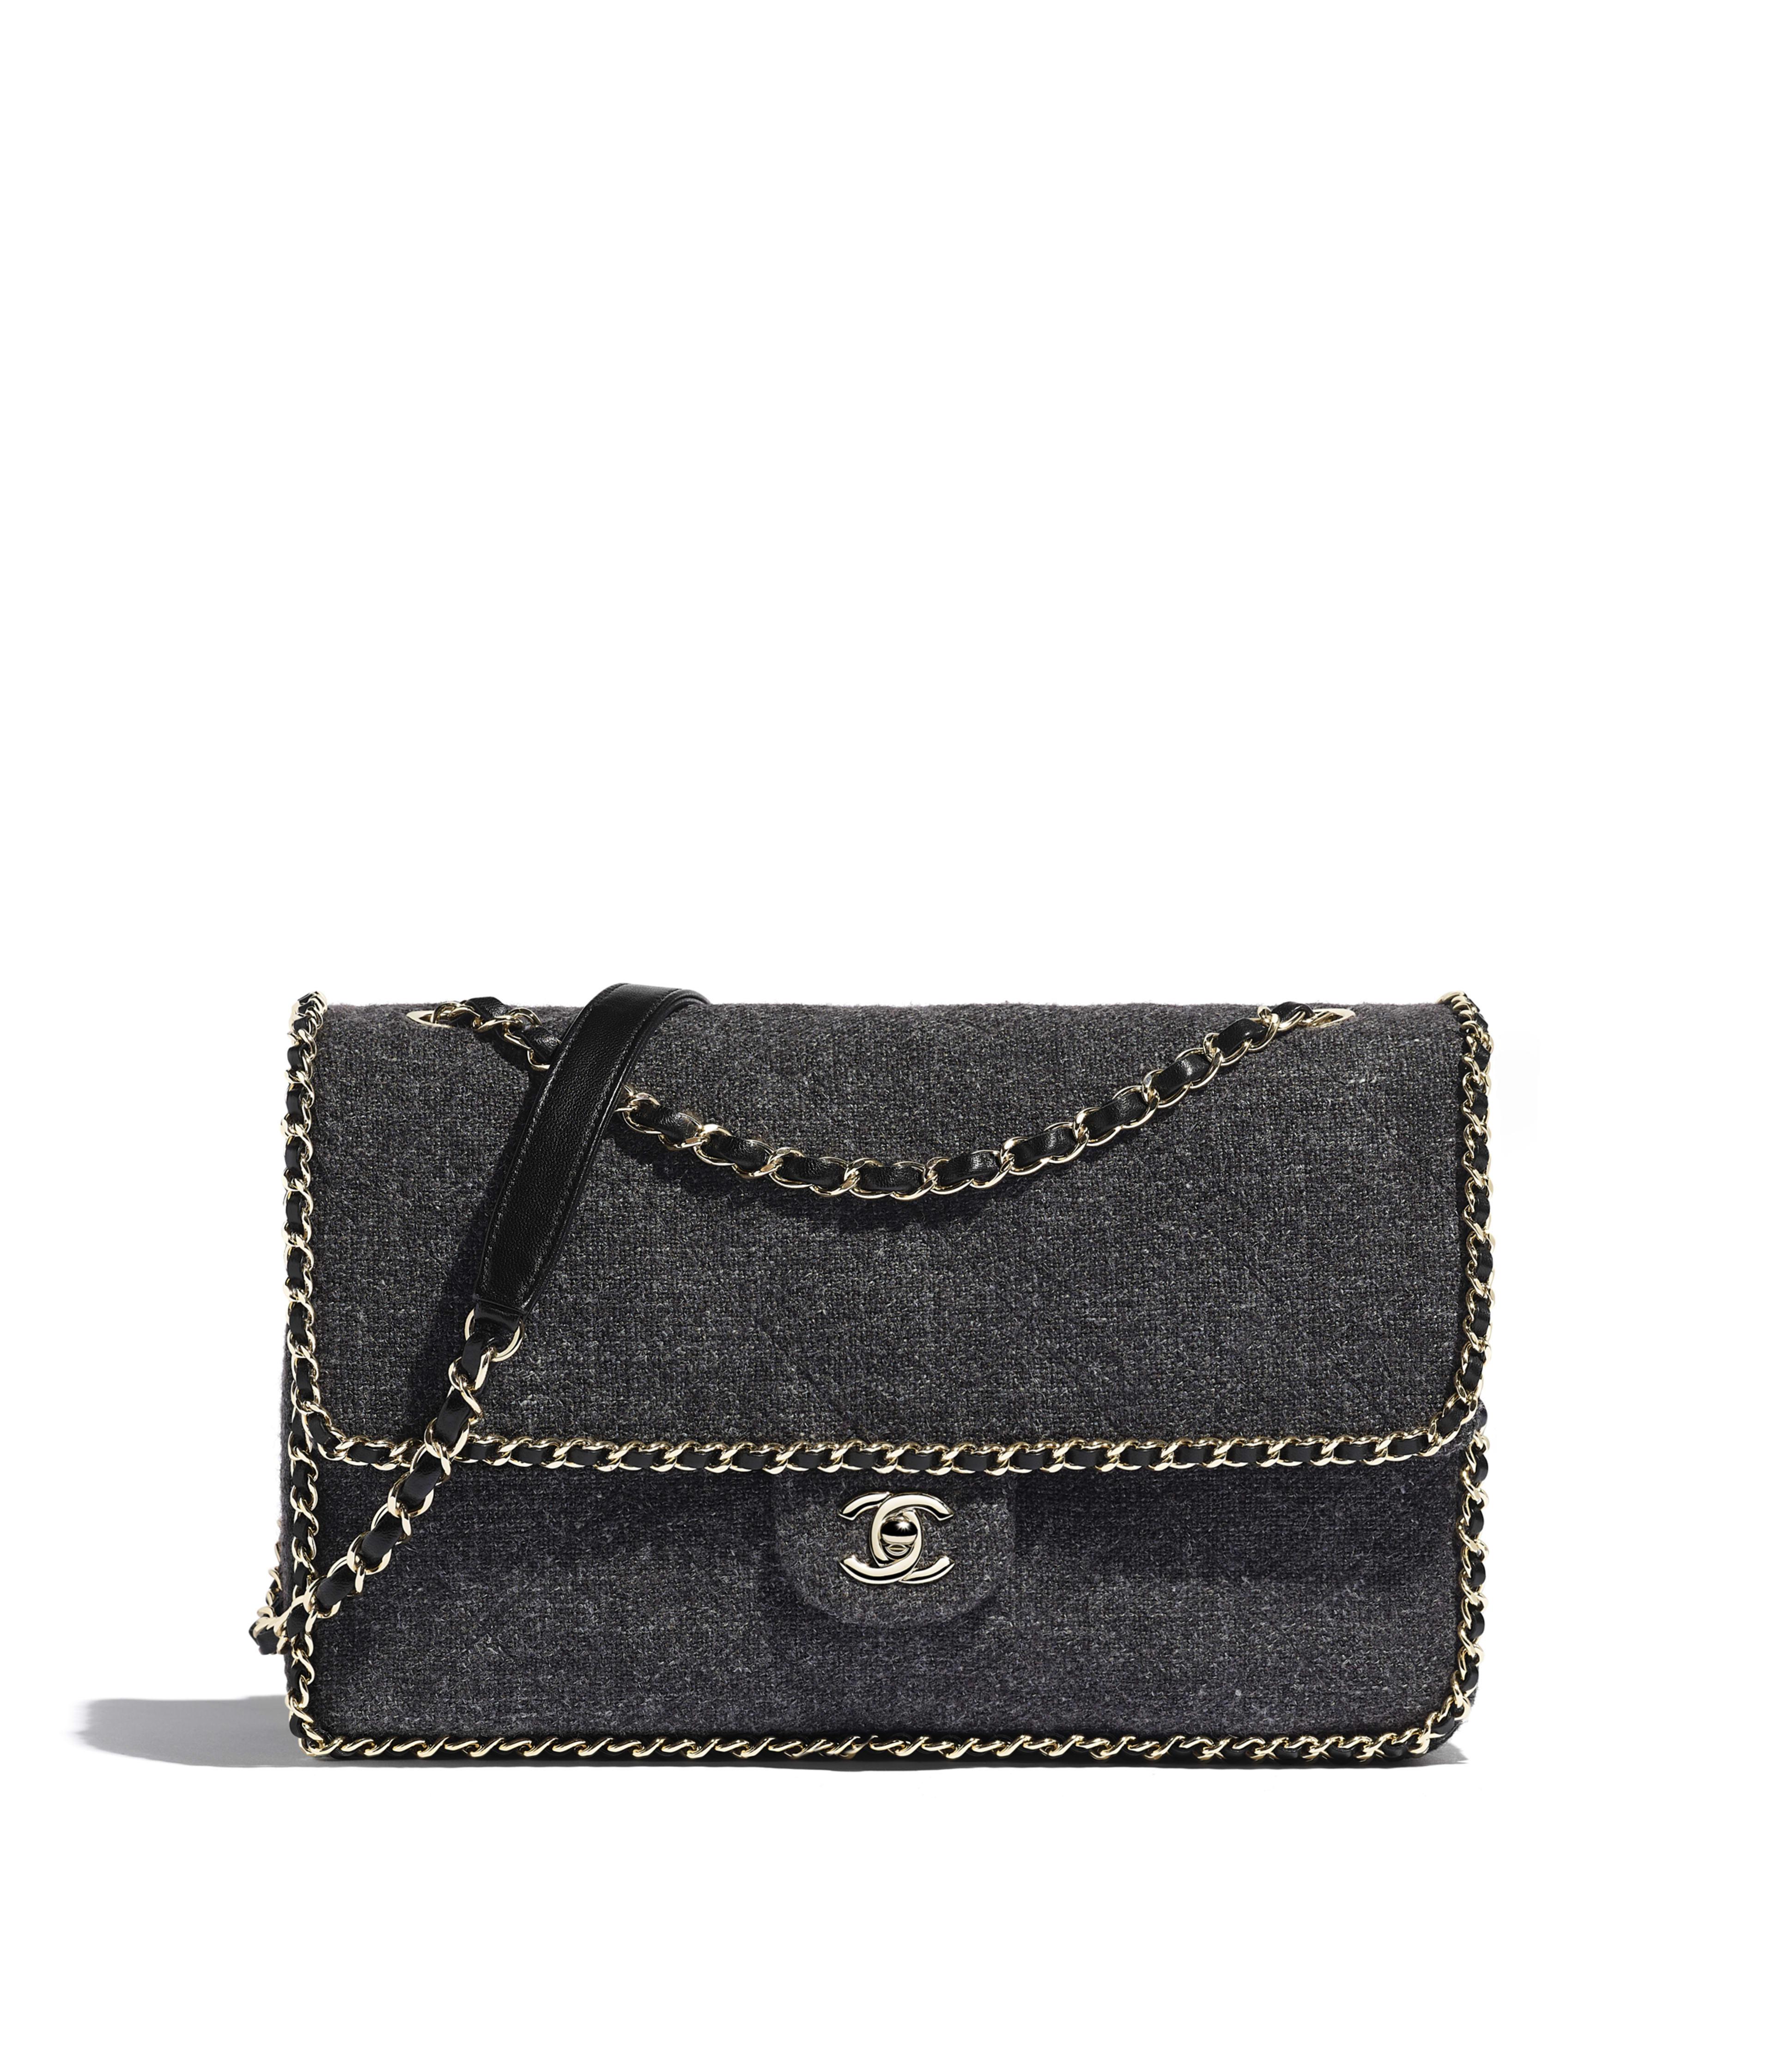 182a374c12 Handbags - Fashion | CHANEL